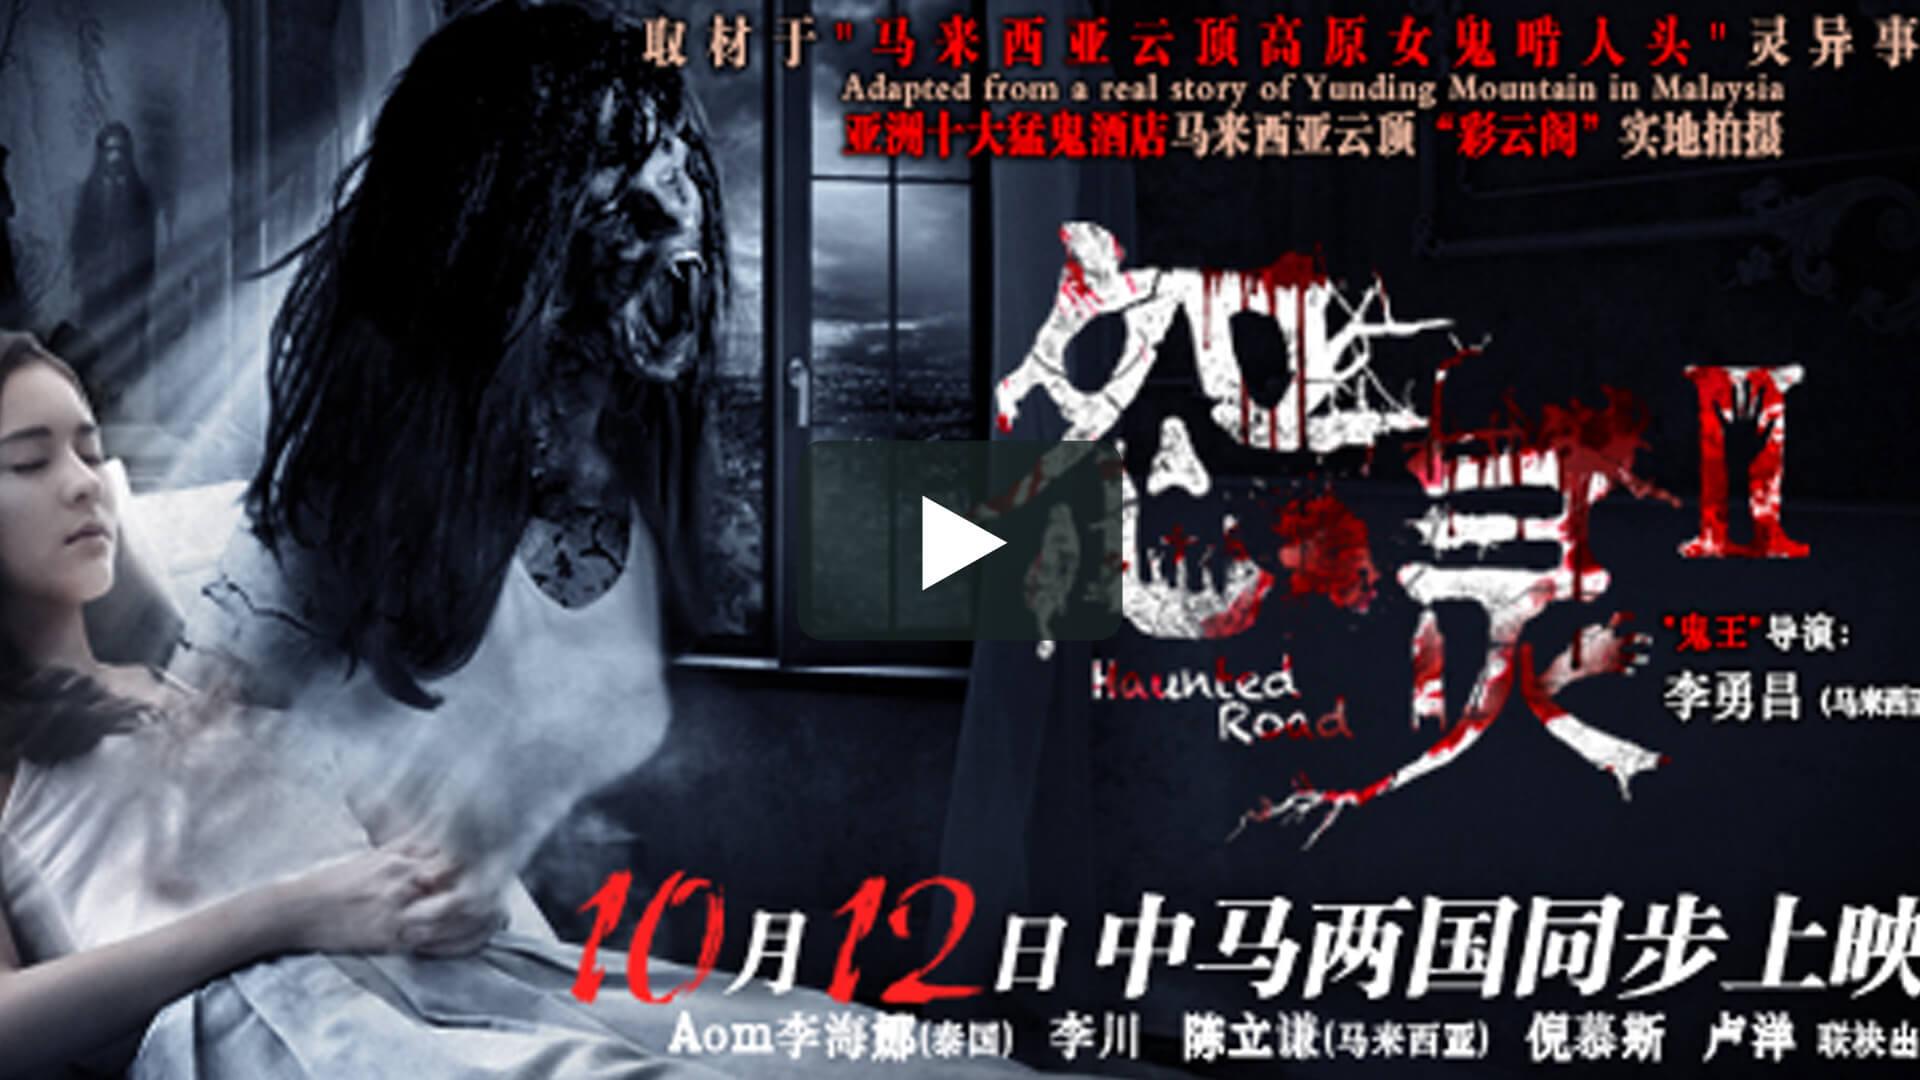 怨靈2 - Haunted Road II